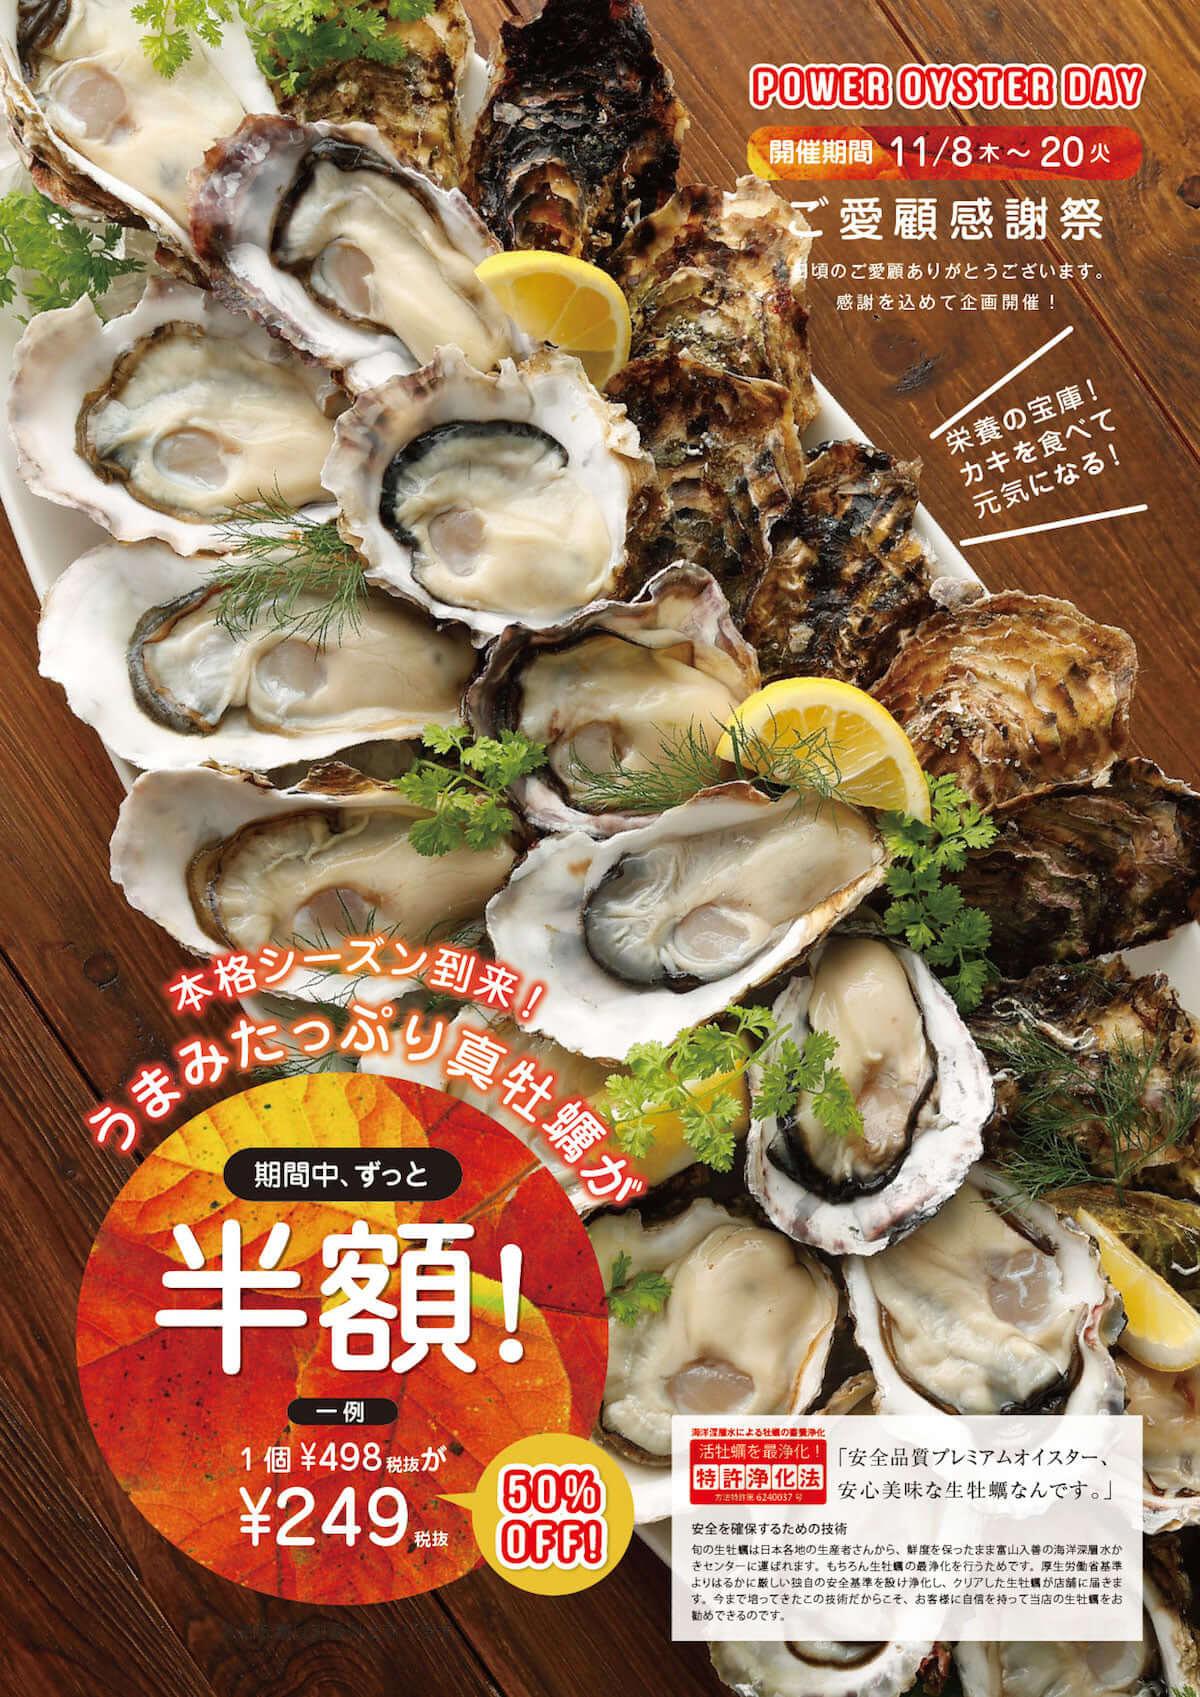 全国各地から生牡蠣が続々入荷!生牡蠣全品半額の<POWER OYSTERフェア>開催中! food181113_oysterbar_2-1200x1697